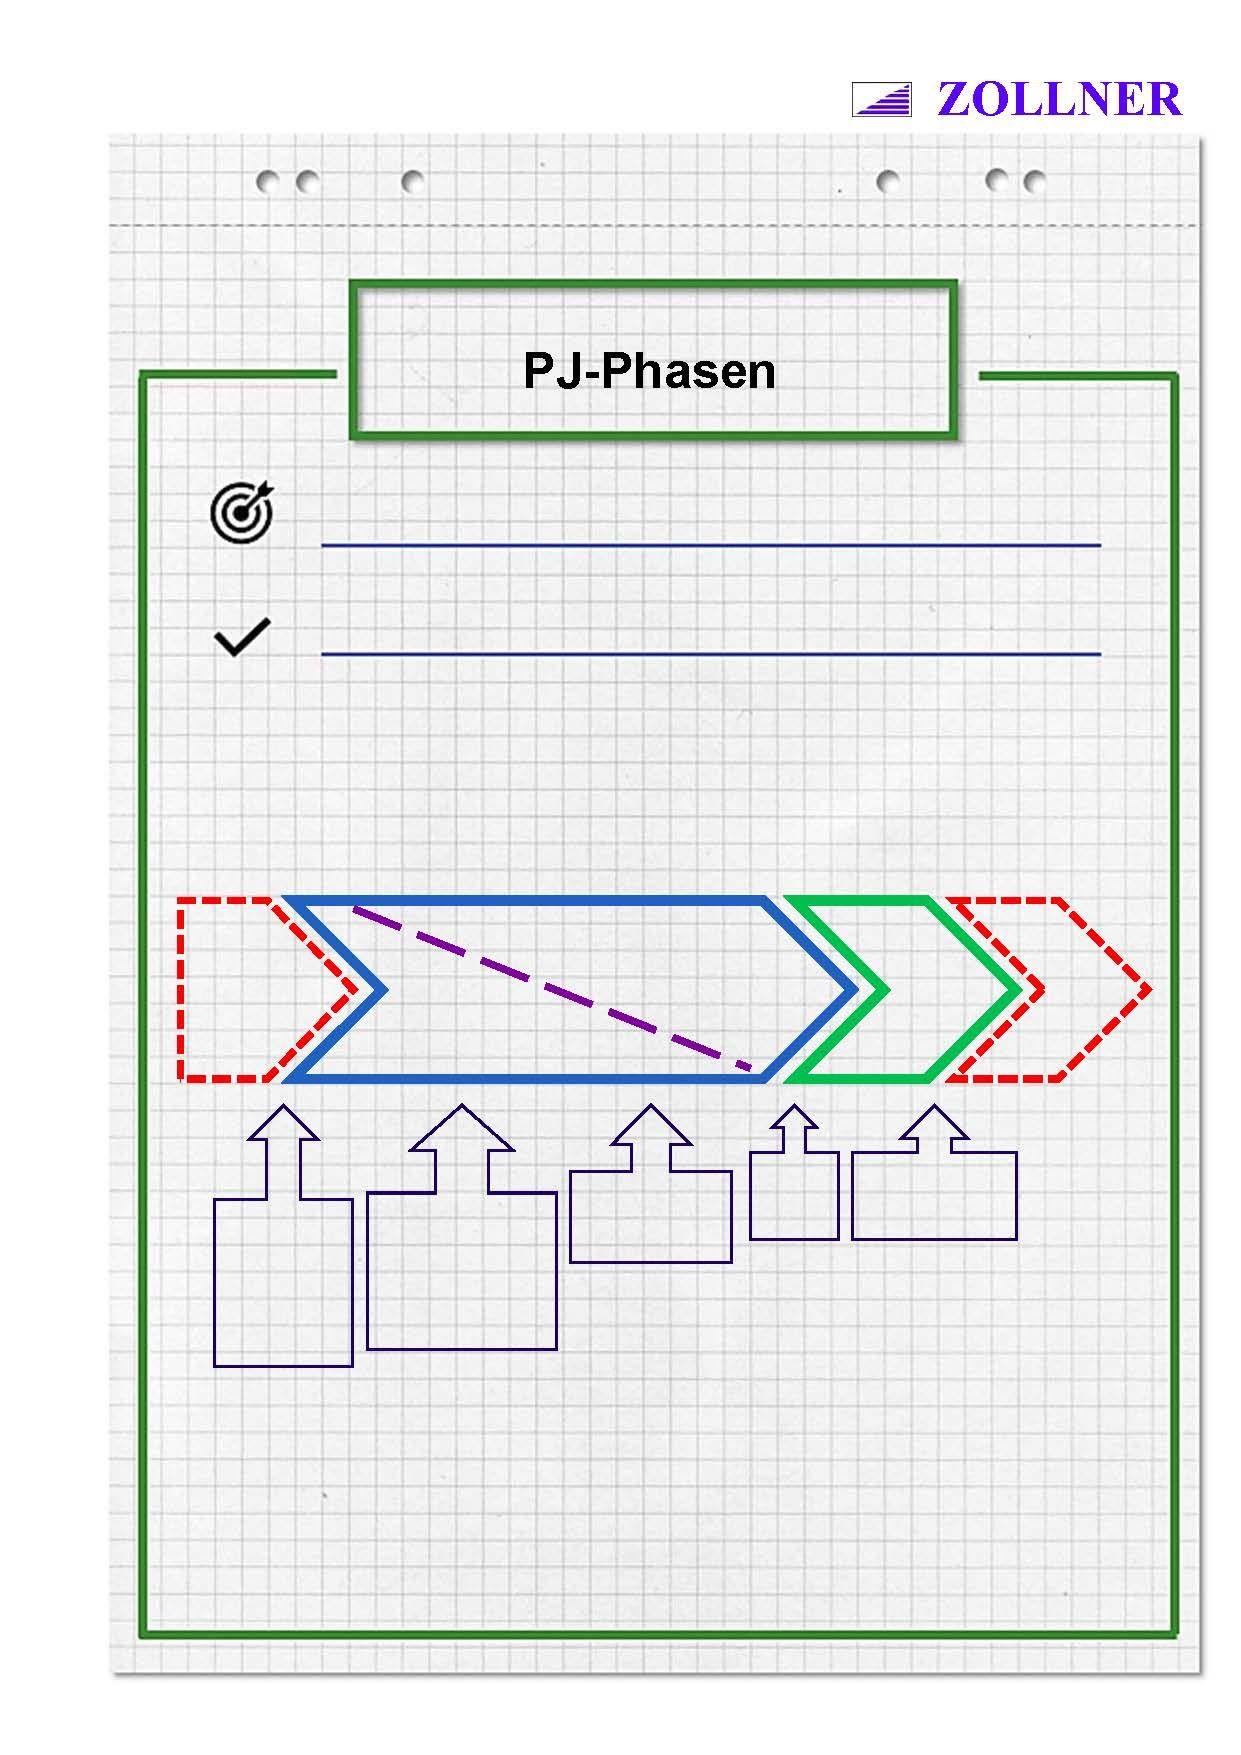 Industriemeister Mik Projektmanagement Phasen Ablauf Reihenfolge Wolfgang Zollner Projektmanagement Vorlagen Seminare